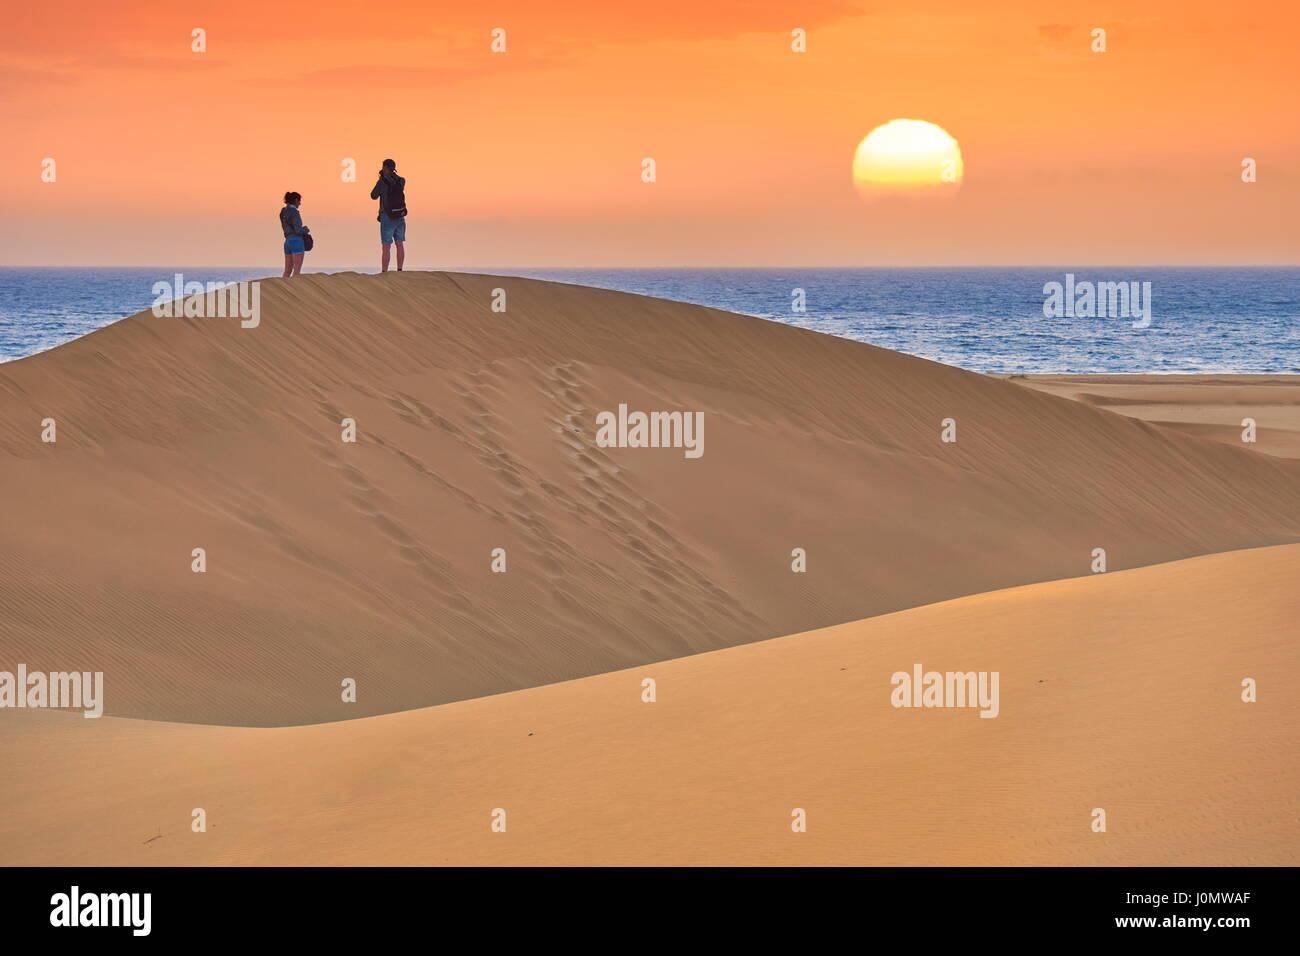 Gran Canaria, sunrise Landschaft der Sanddünen von Maspalomas, Kanarische Inseln, Spanien Stockbild